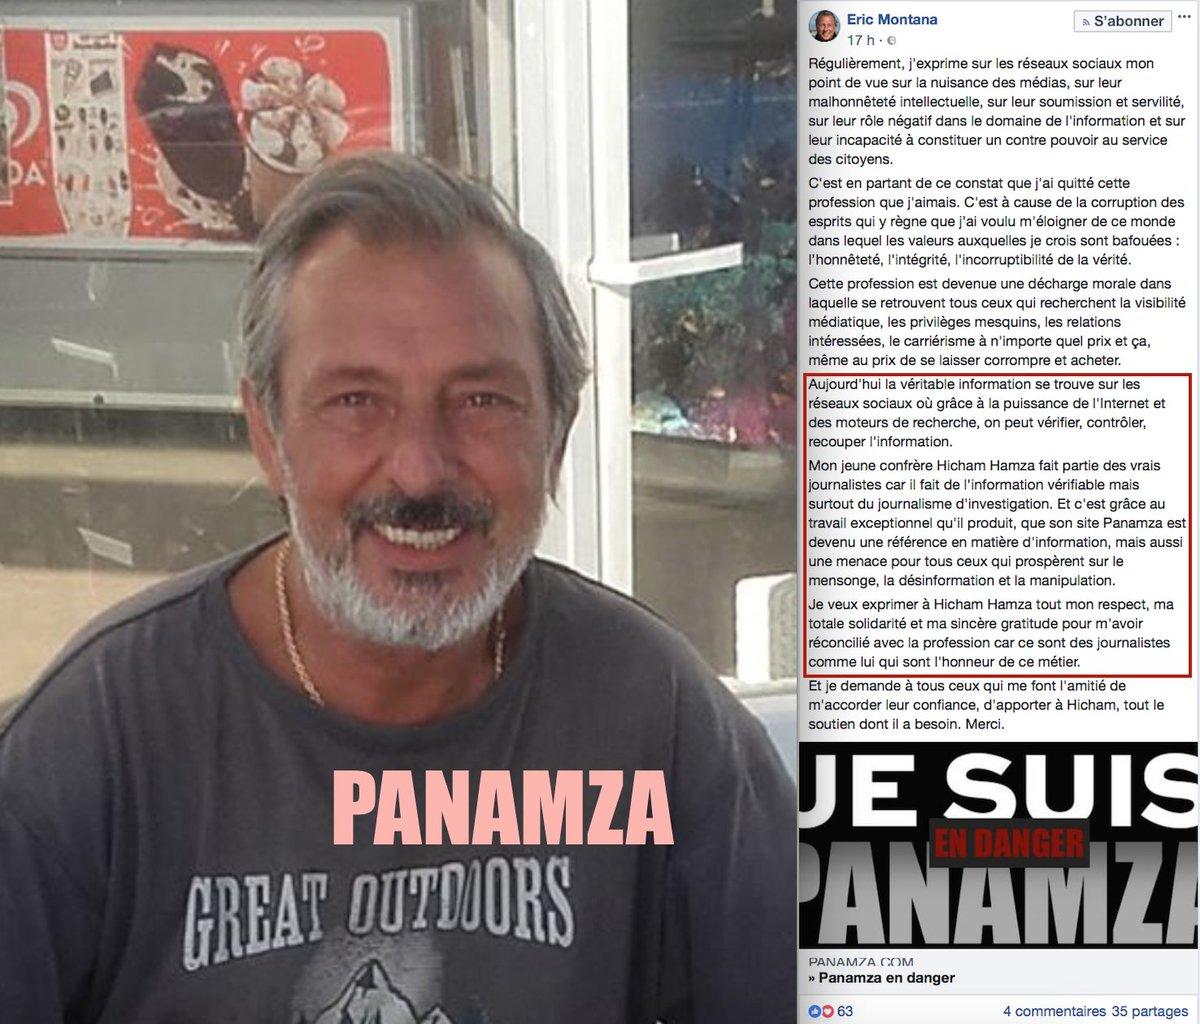 Eric Montana soutient Panamza. Et vous ?